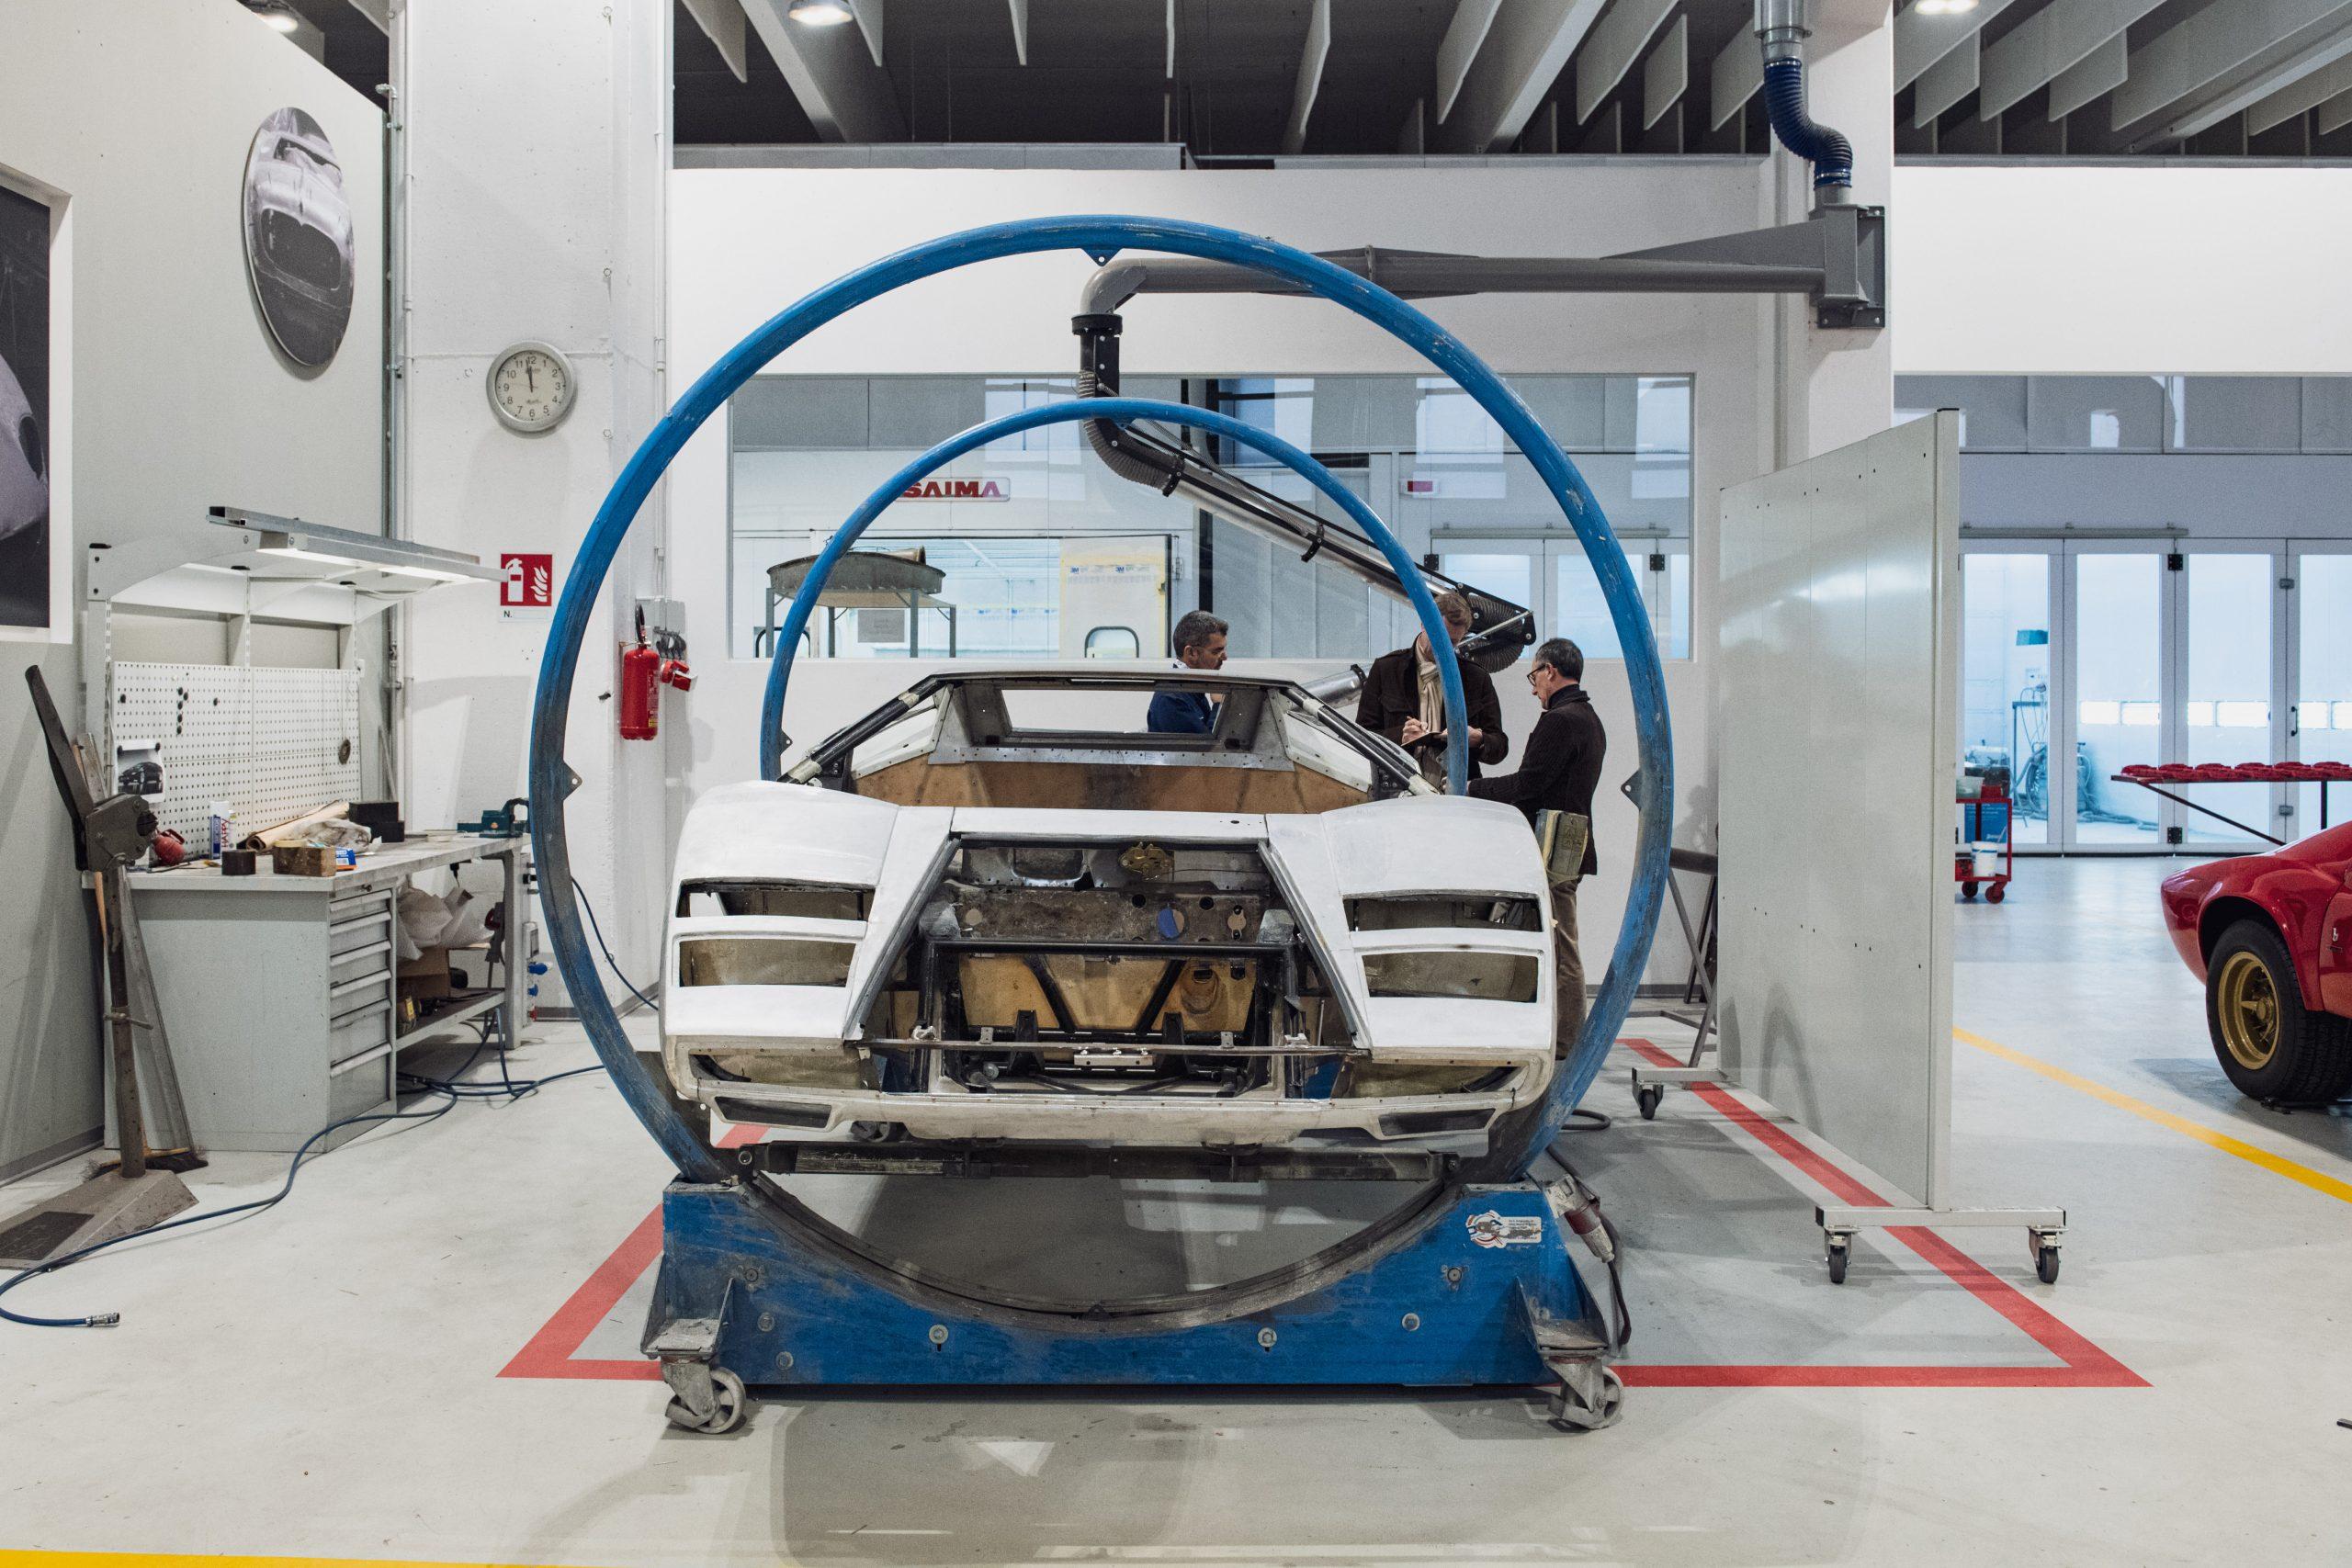 lamborghini countach restoration body in rotisserie machine